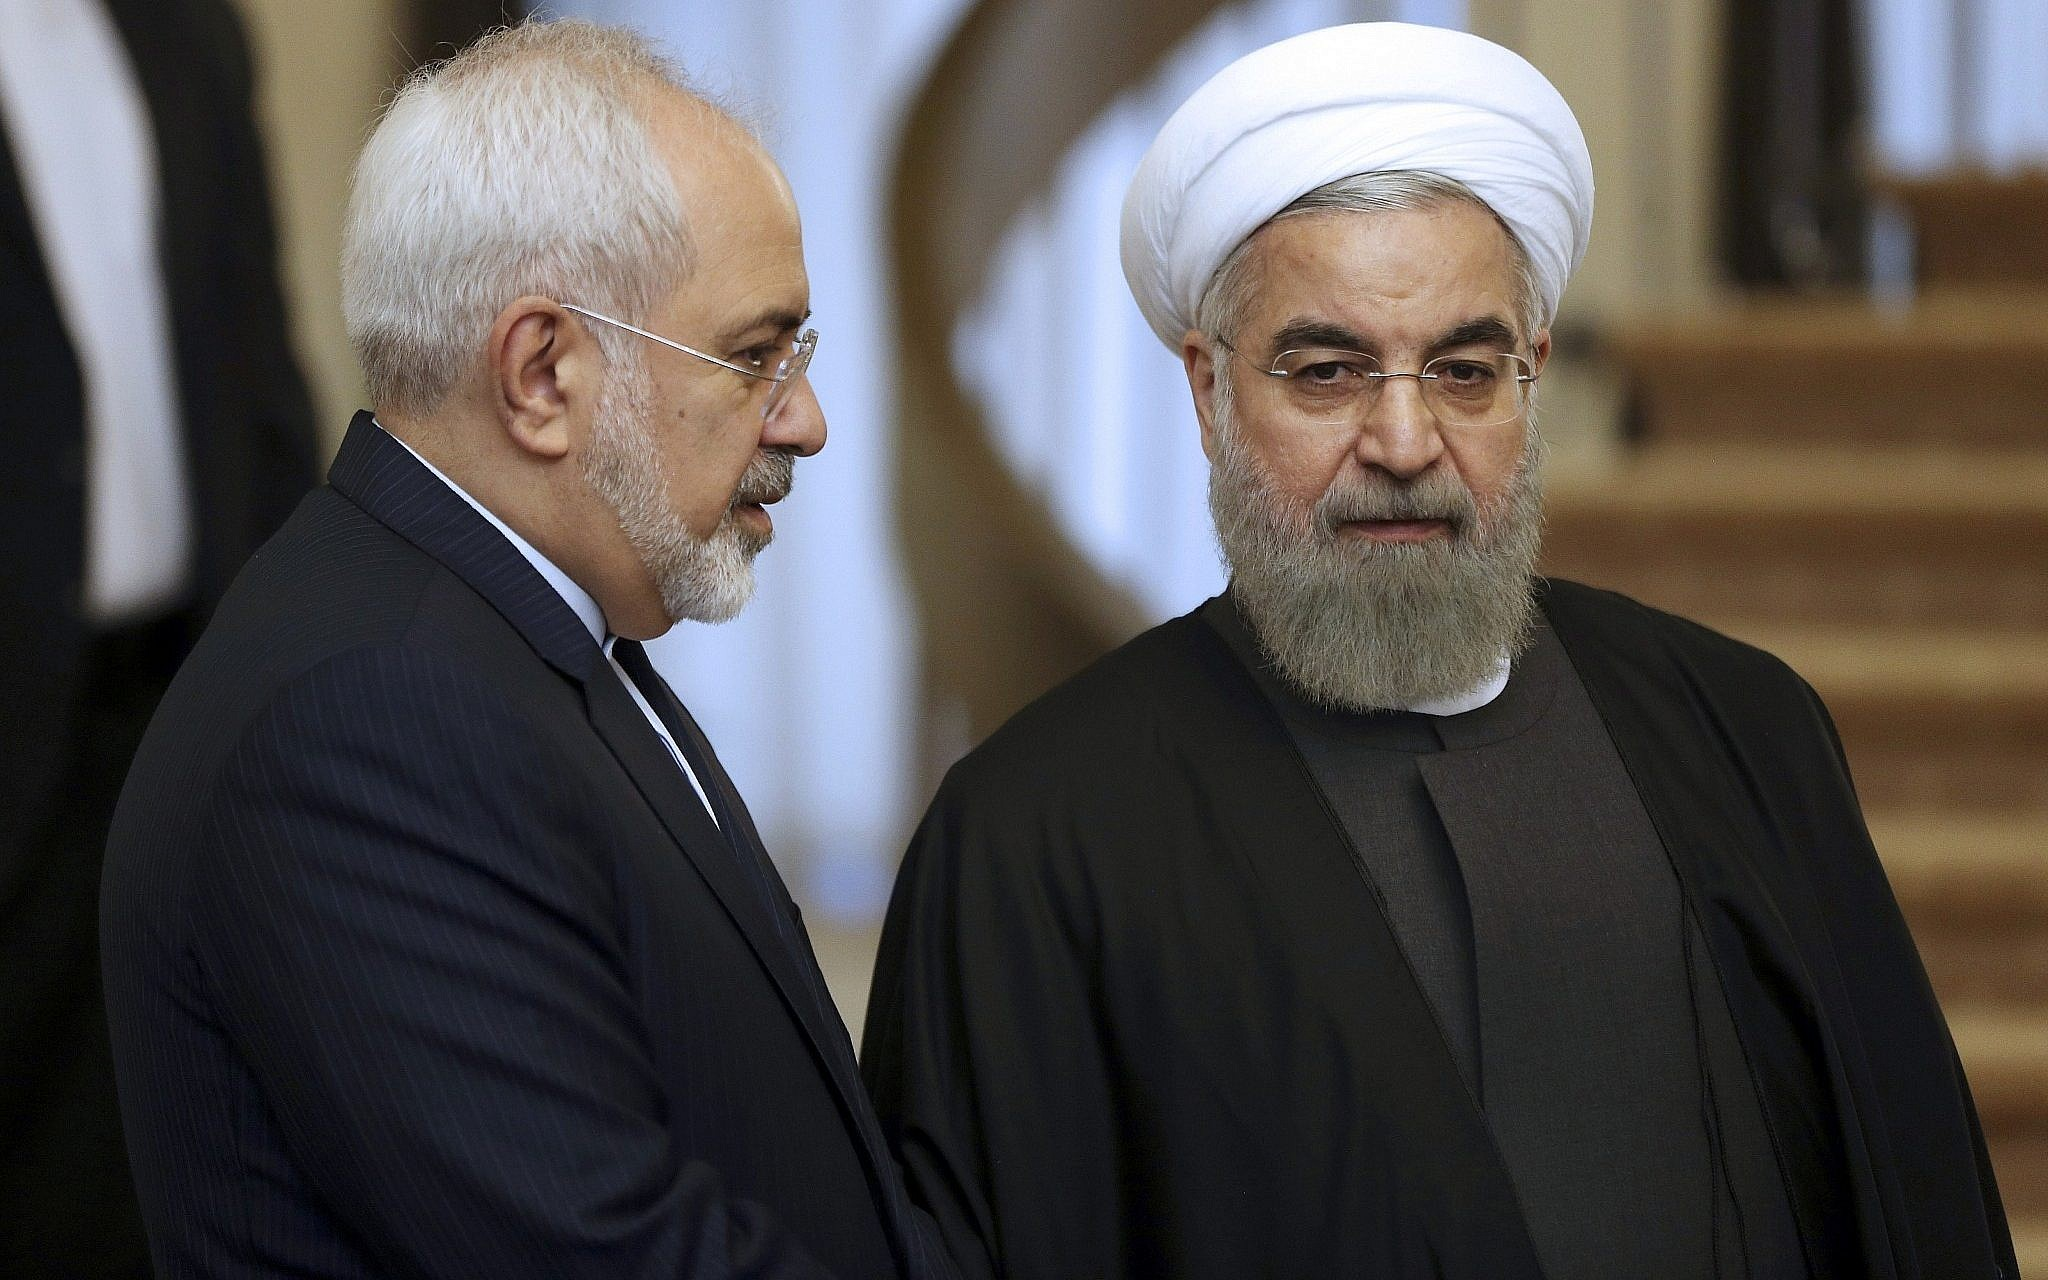 بولتون دعا في العام 2015 إلى قصف إيران (أ ب)